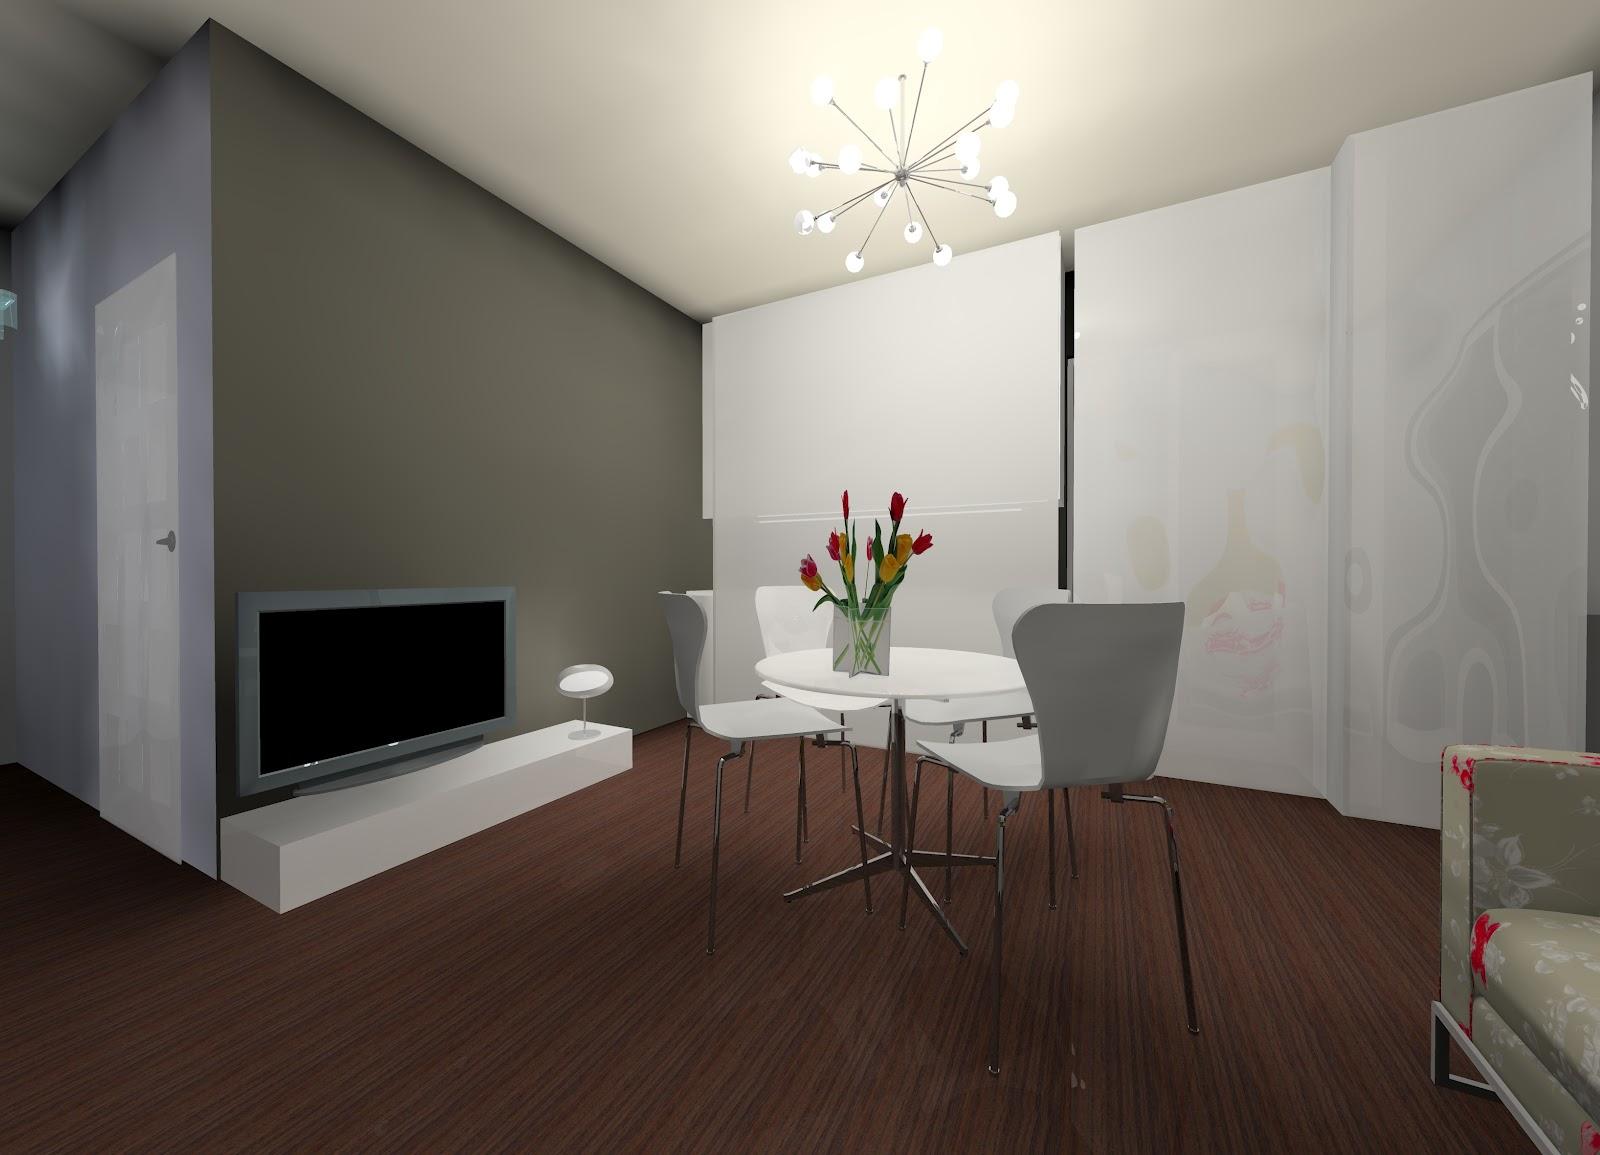 Cucine Soggiorno Unico Ambiente Piccolo ~ Idee per il design della casa